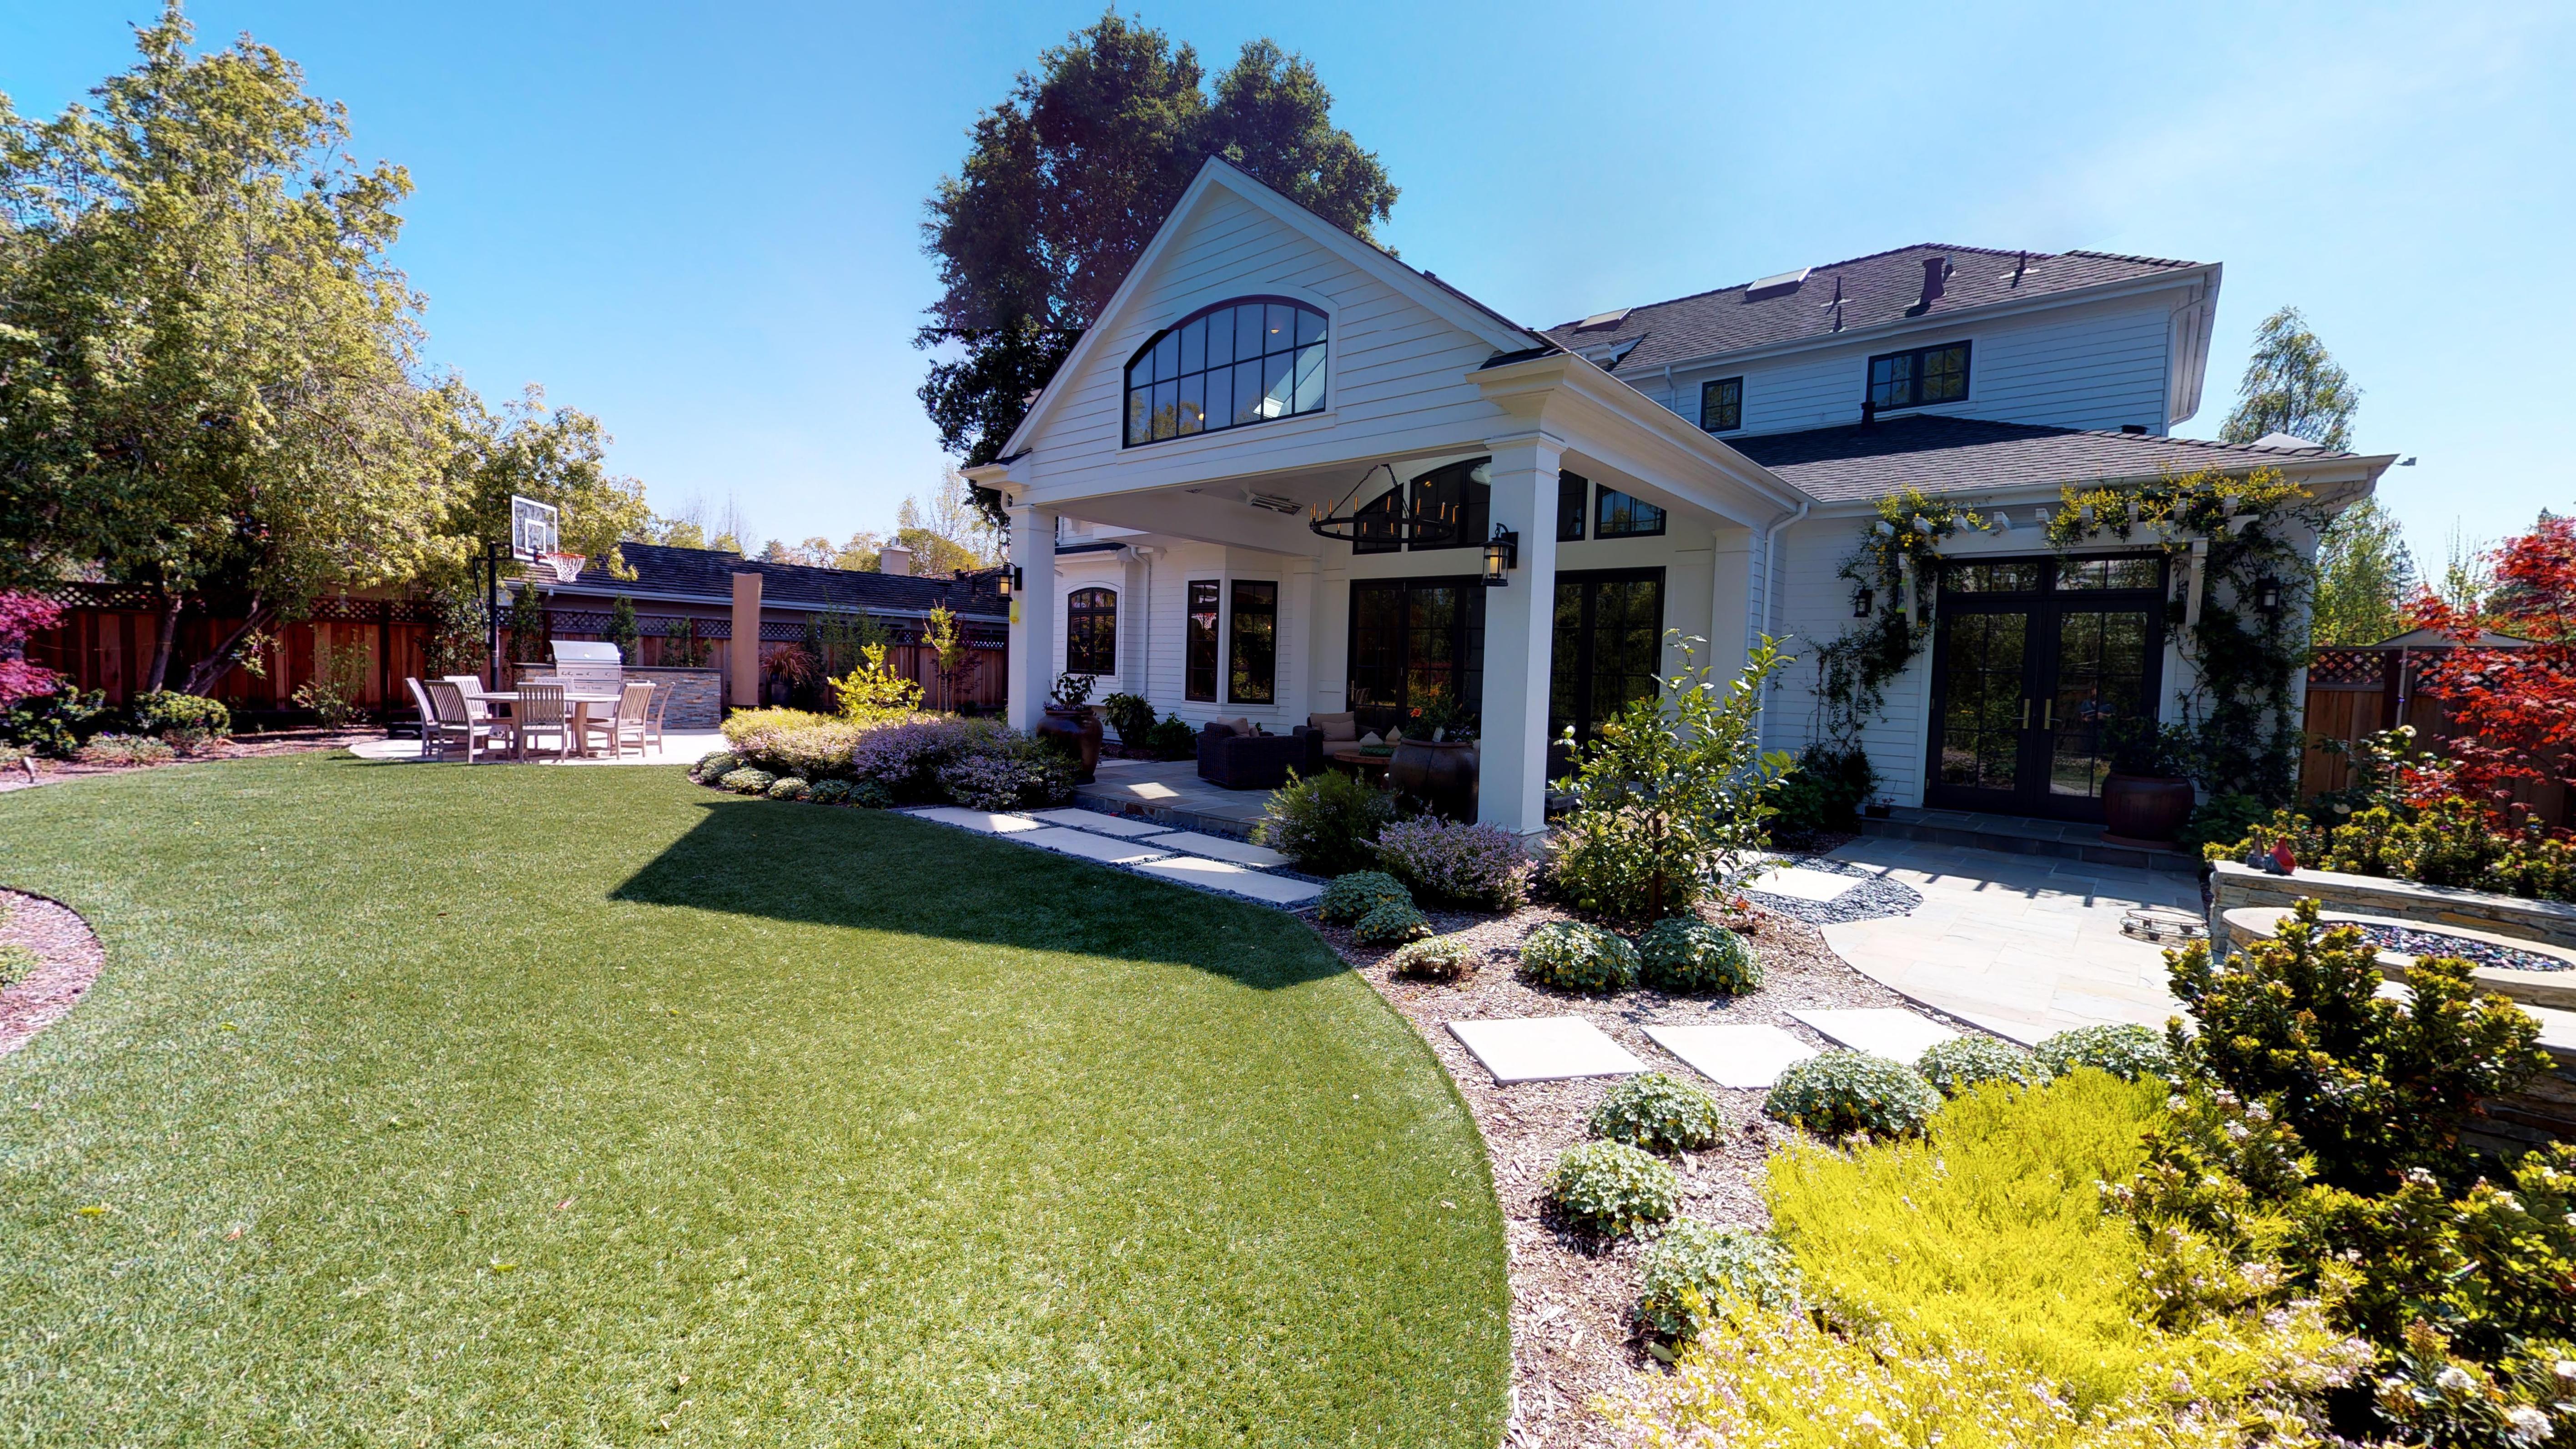 23 - Backyard